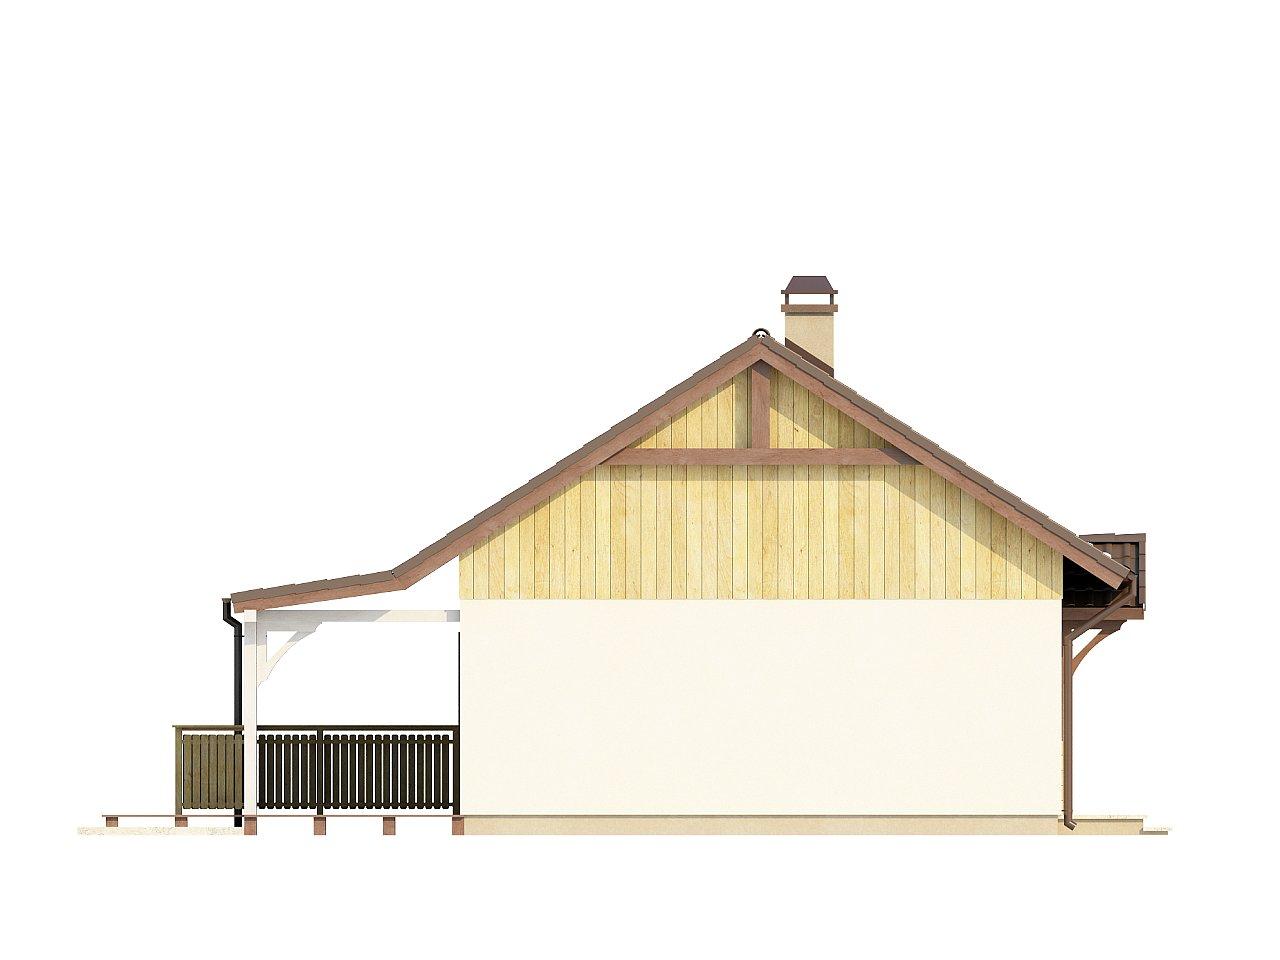 Выгодный в строительстве и эксплуатации маленький одноэтажный дом с крытой террасой. 13